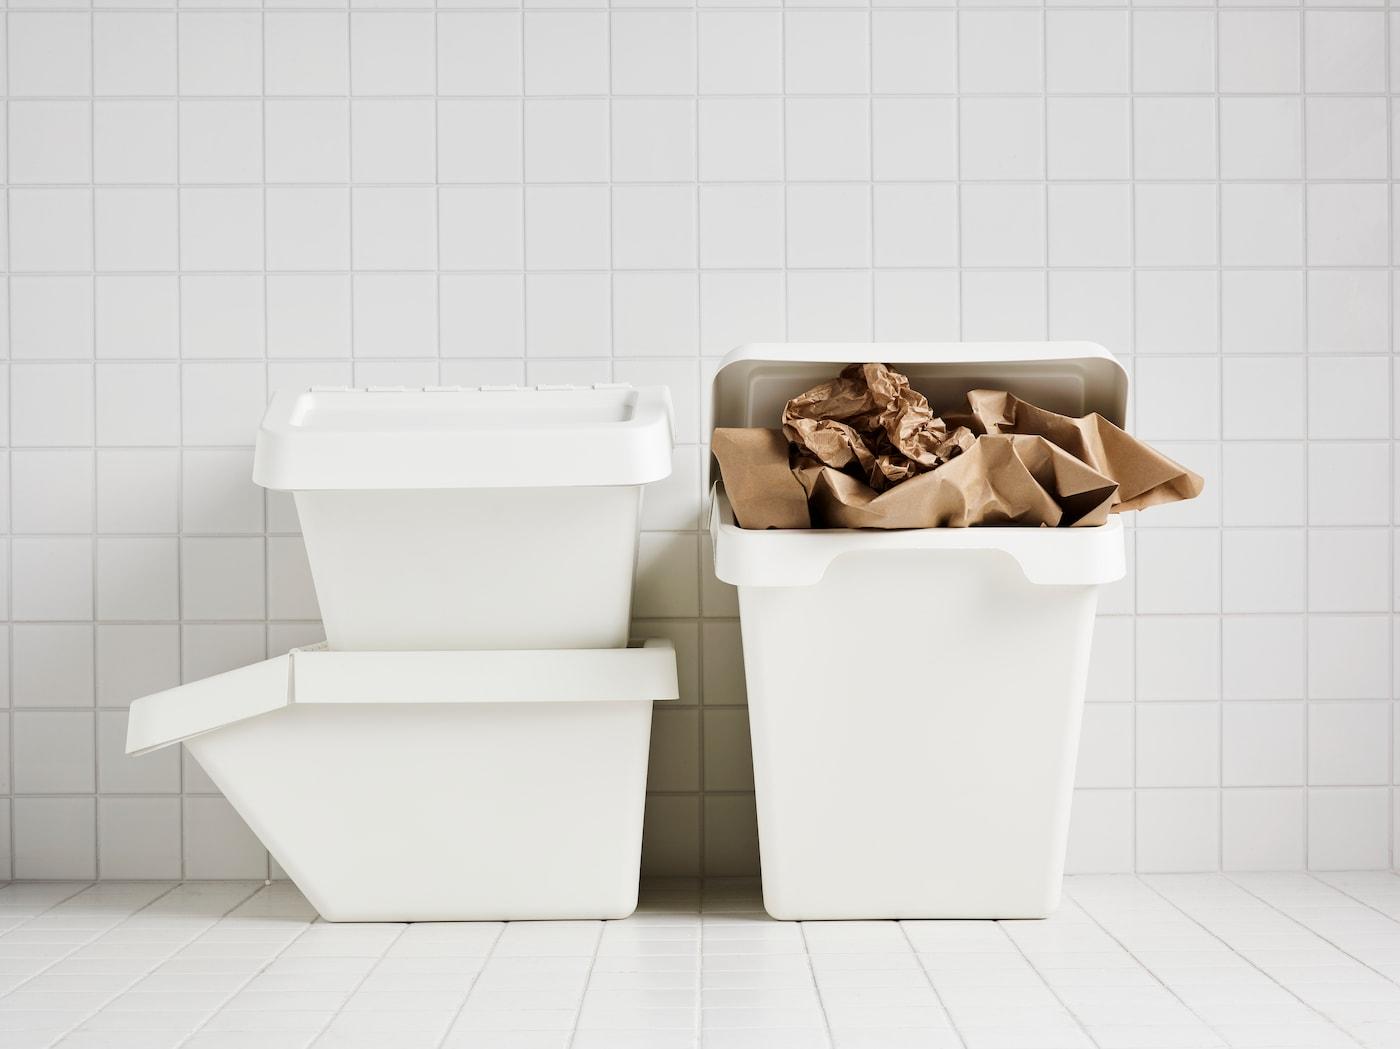 Trois poubelles SORTERA blanches dans une pièce carrelée blanche. L'une est remplie de papier marron.